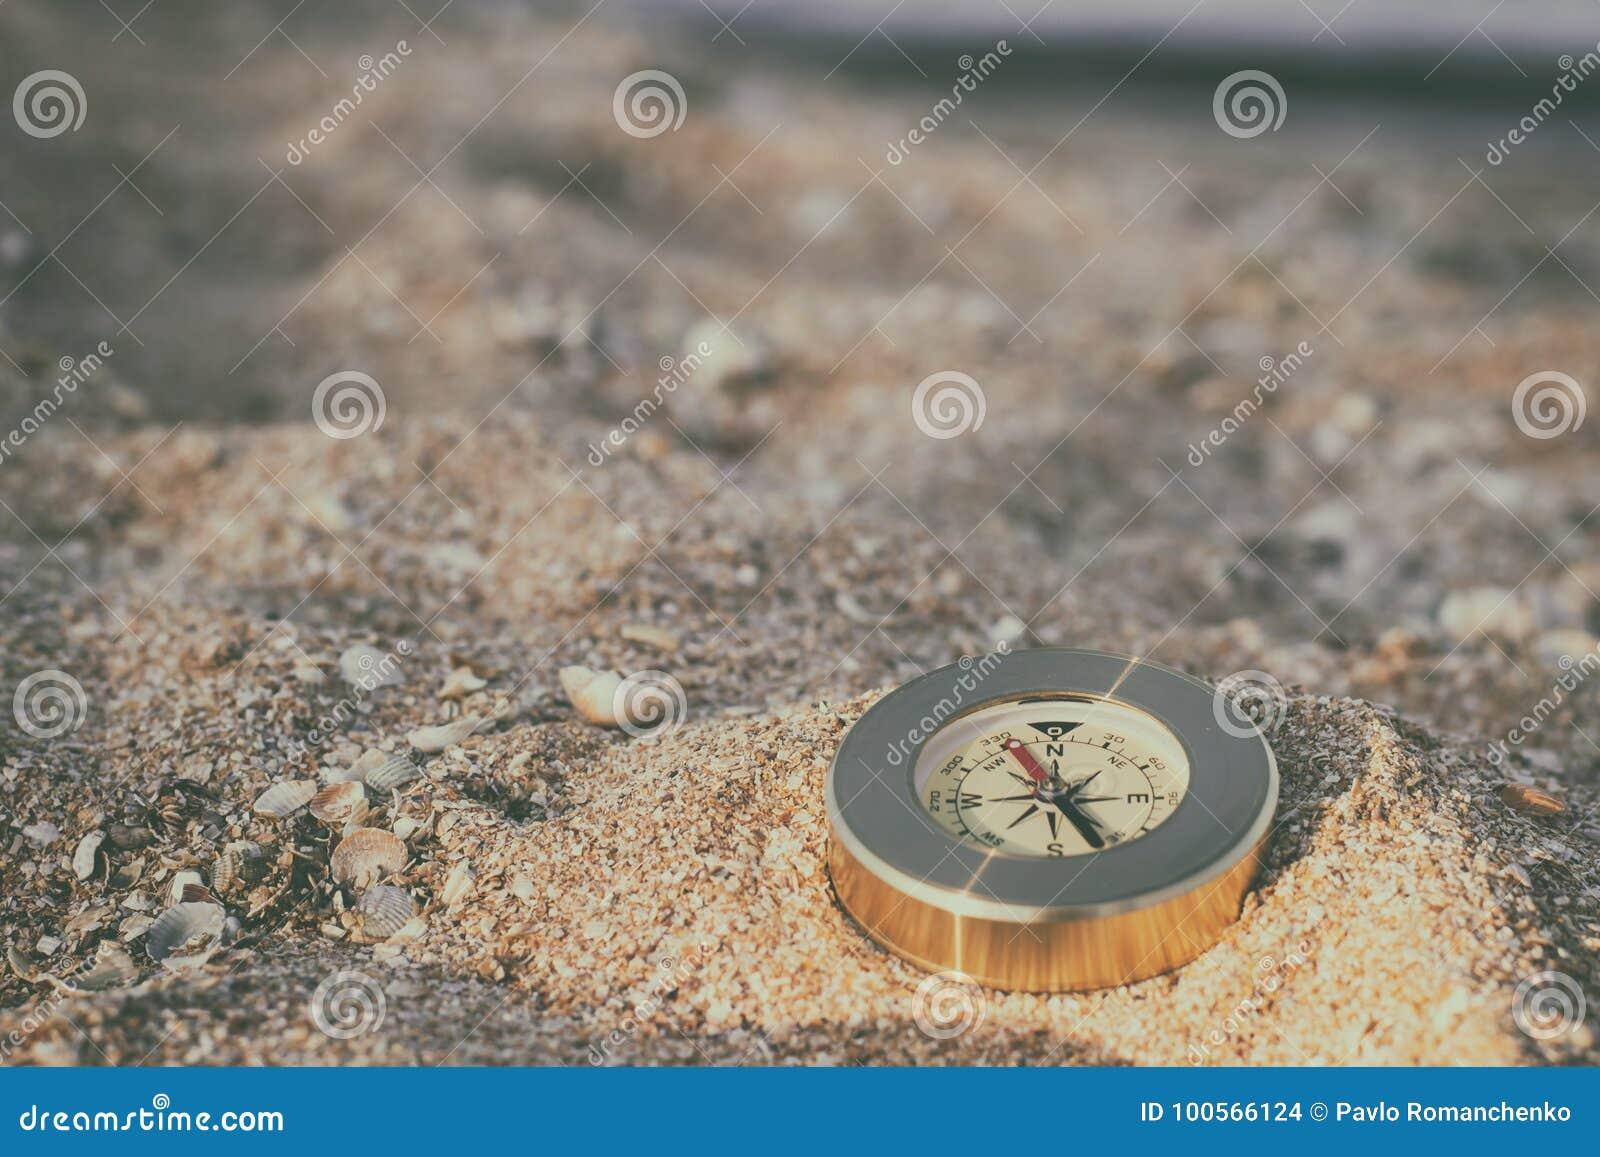 Компас показывая направление лежит на песке моря с раковинами